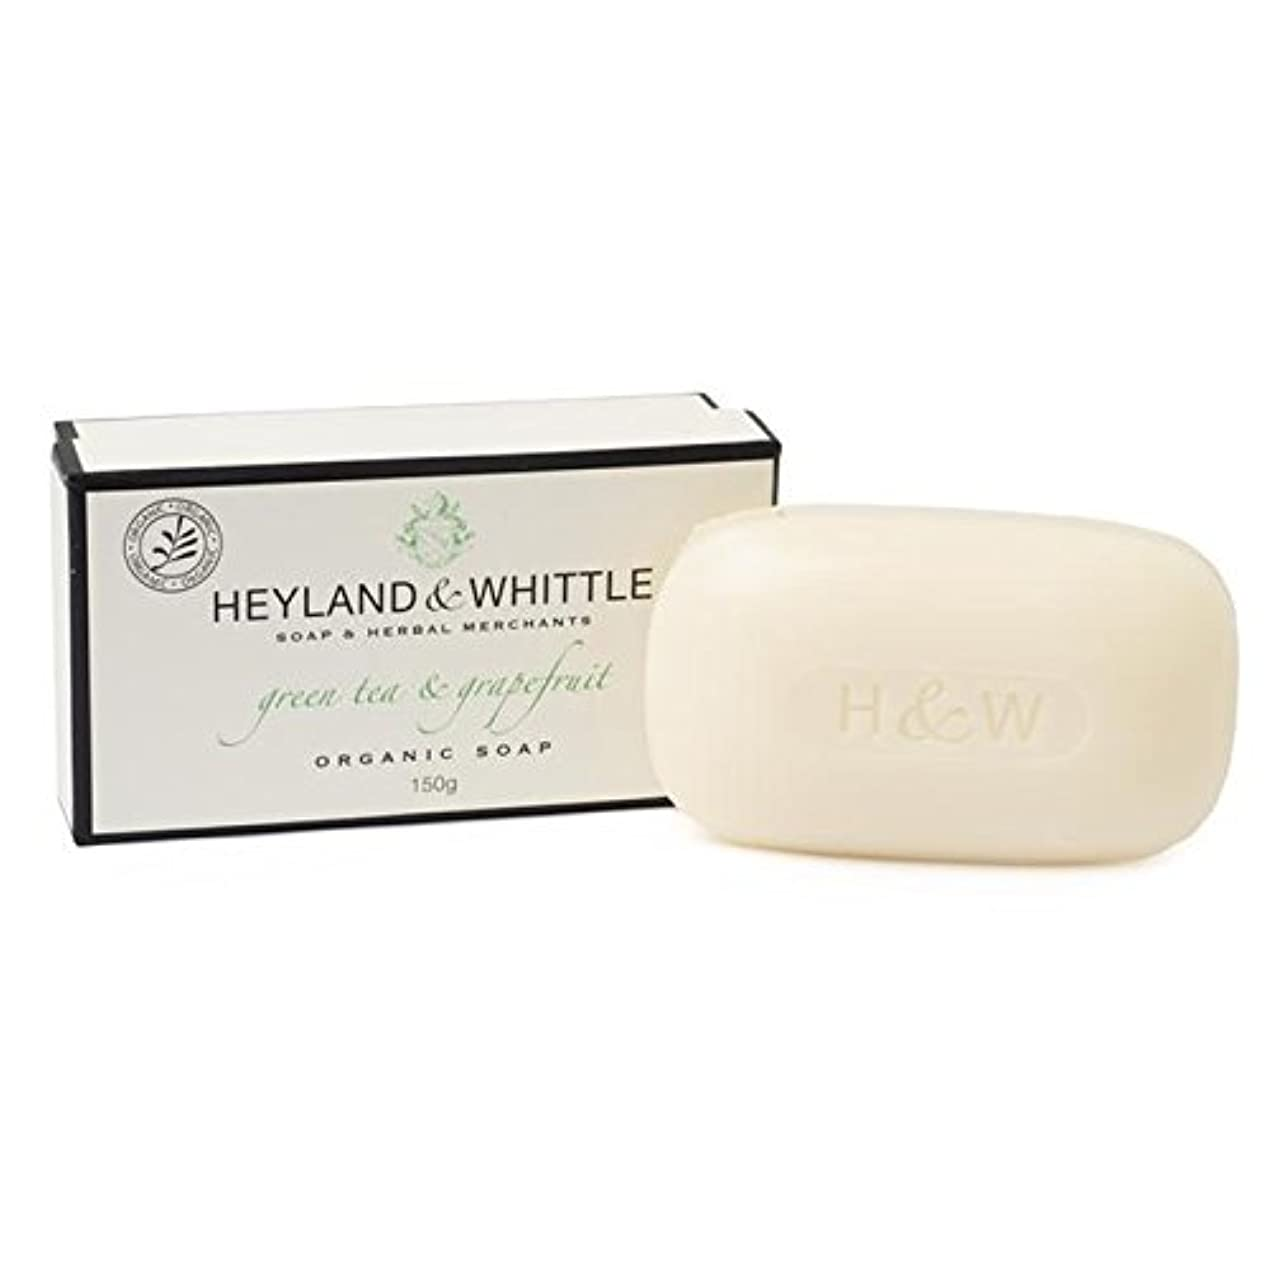 フォルダ戻る良心Heyland & Whittle Green Tea & Grapefruit Boxed Organic Soap 150g (Pack of 6) - &削る緑茶&グレープフルーツはオーガニックソープ150グラム箱入り x6 [並行輸入品]